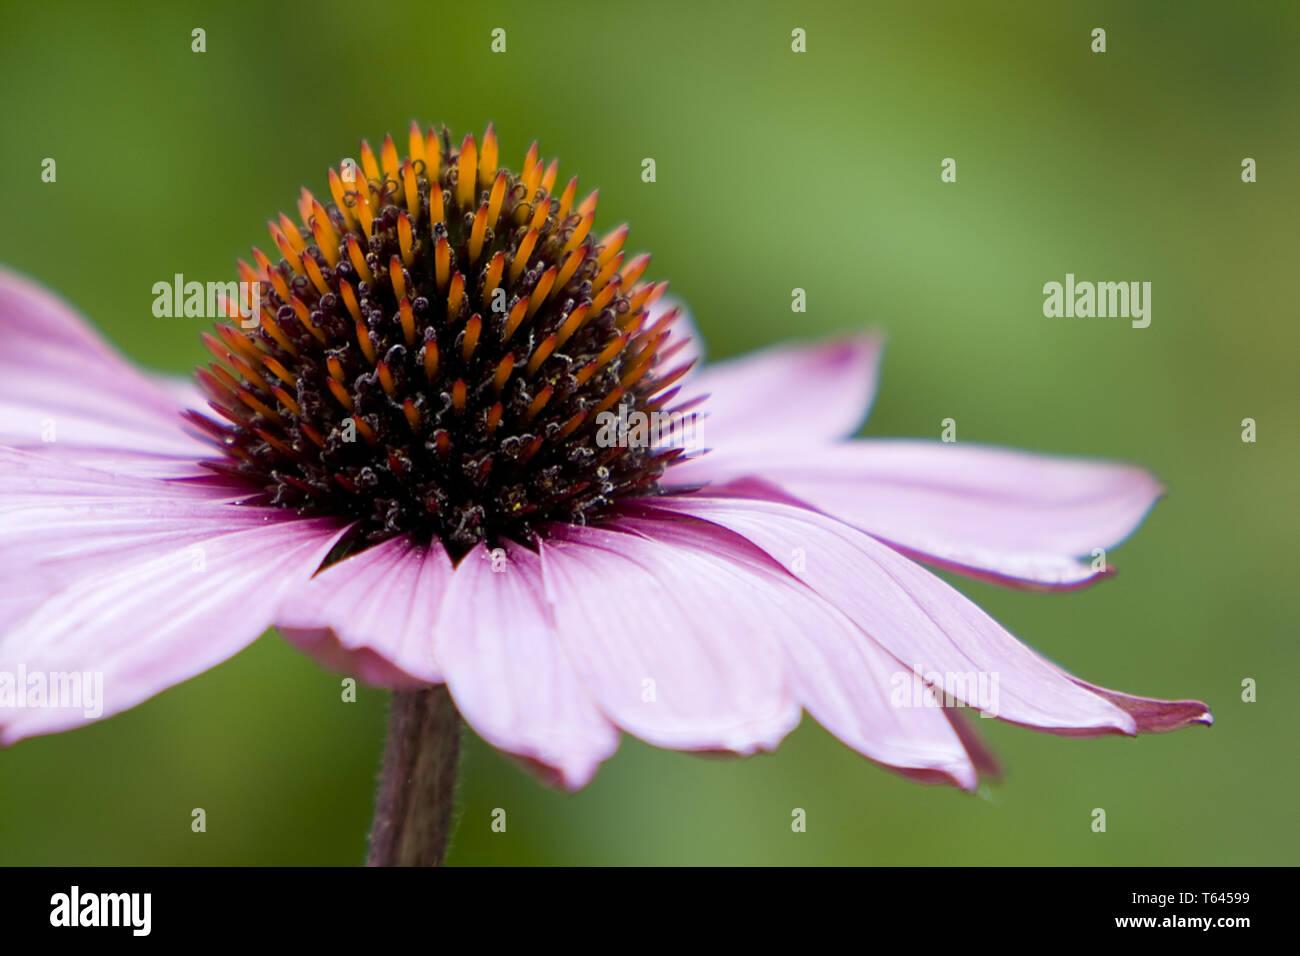 Coneflower (Rudbeckia, Ratibida, Echinacea) - Stock Image